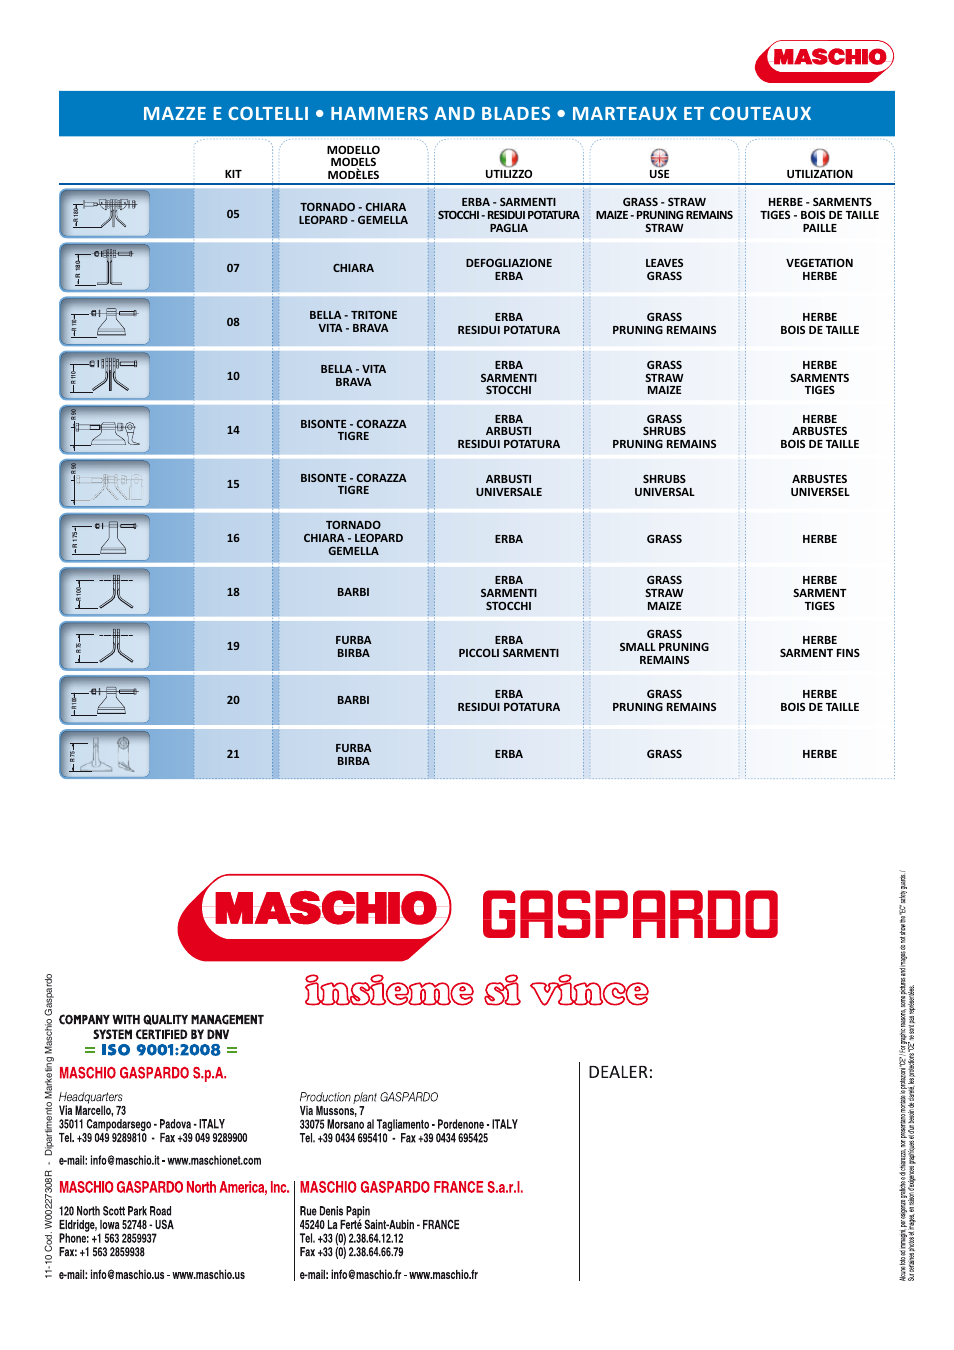 maschio gaspardo leopard user manual page 32 32 original mode rh manualsdir com welland turbo leopard user manual welland turbo leopard user manual